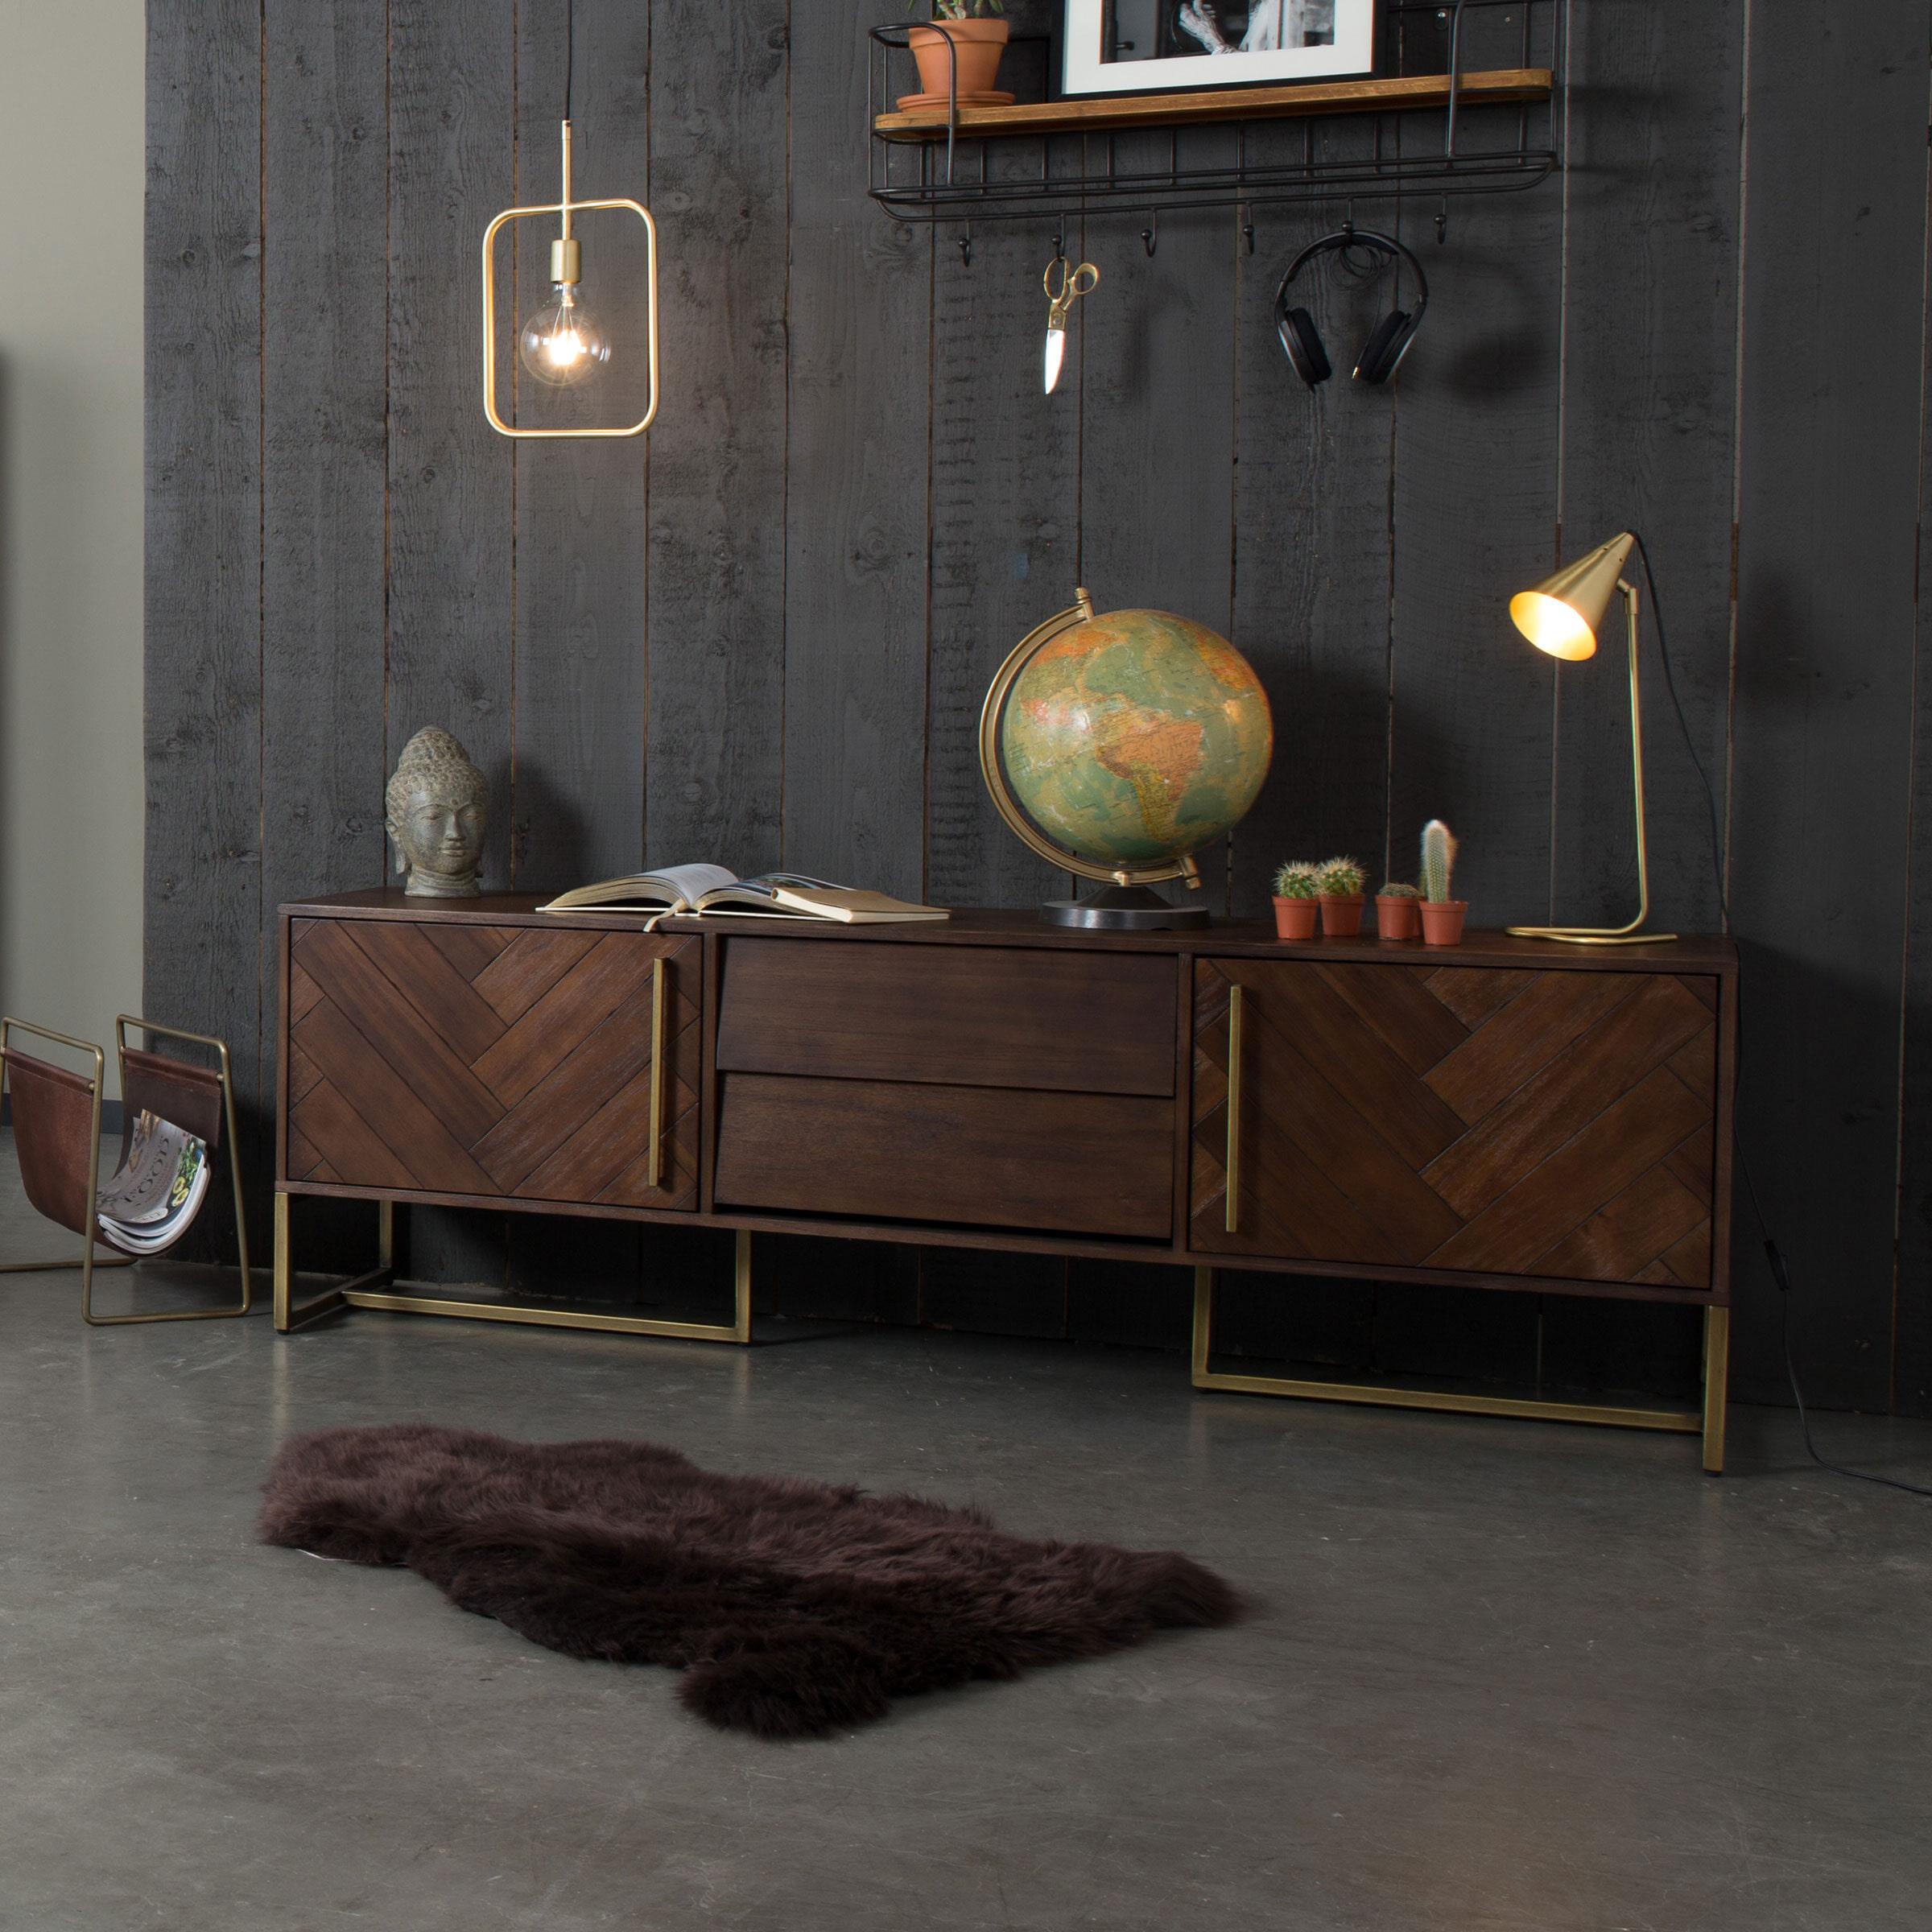 Dutchbone Tv-meubel 'Class' Antique Brass, 180 x 60cm